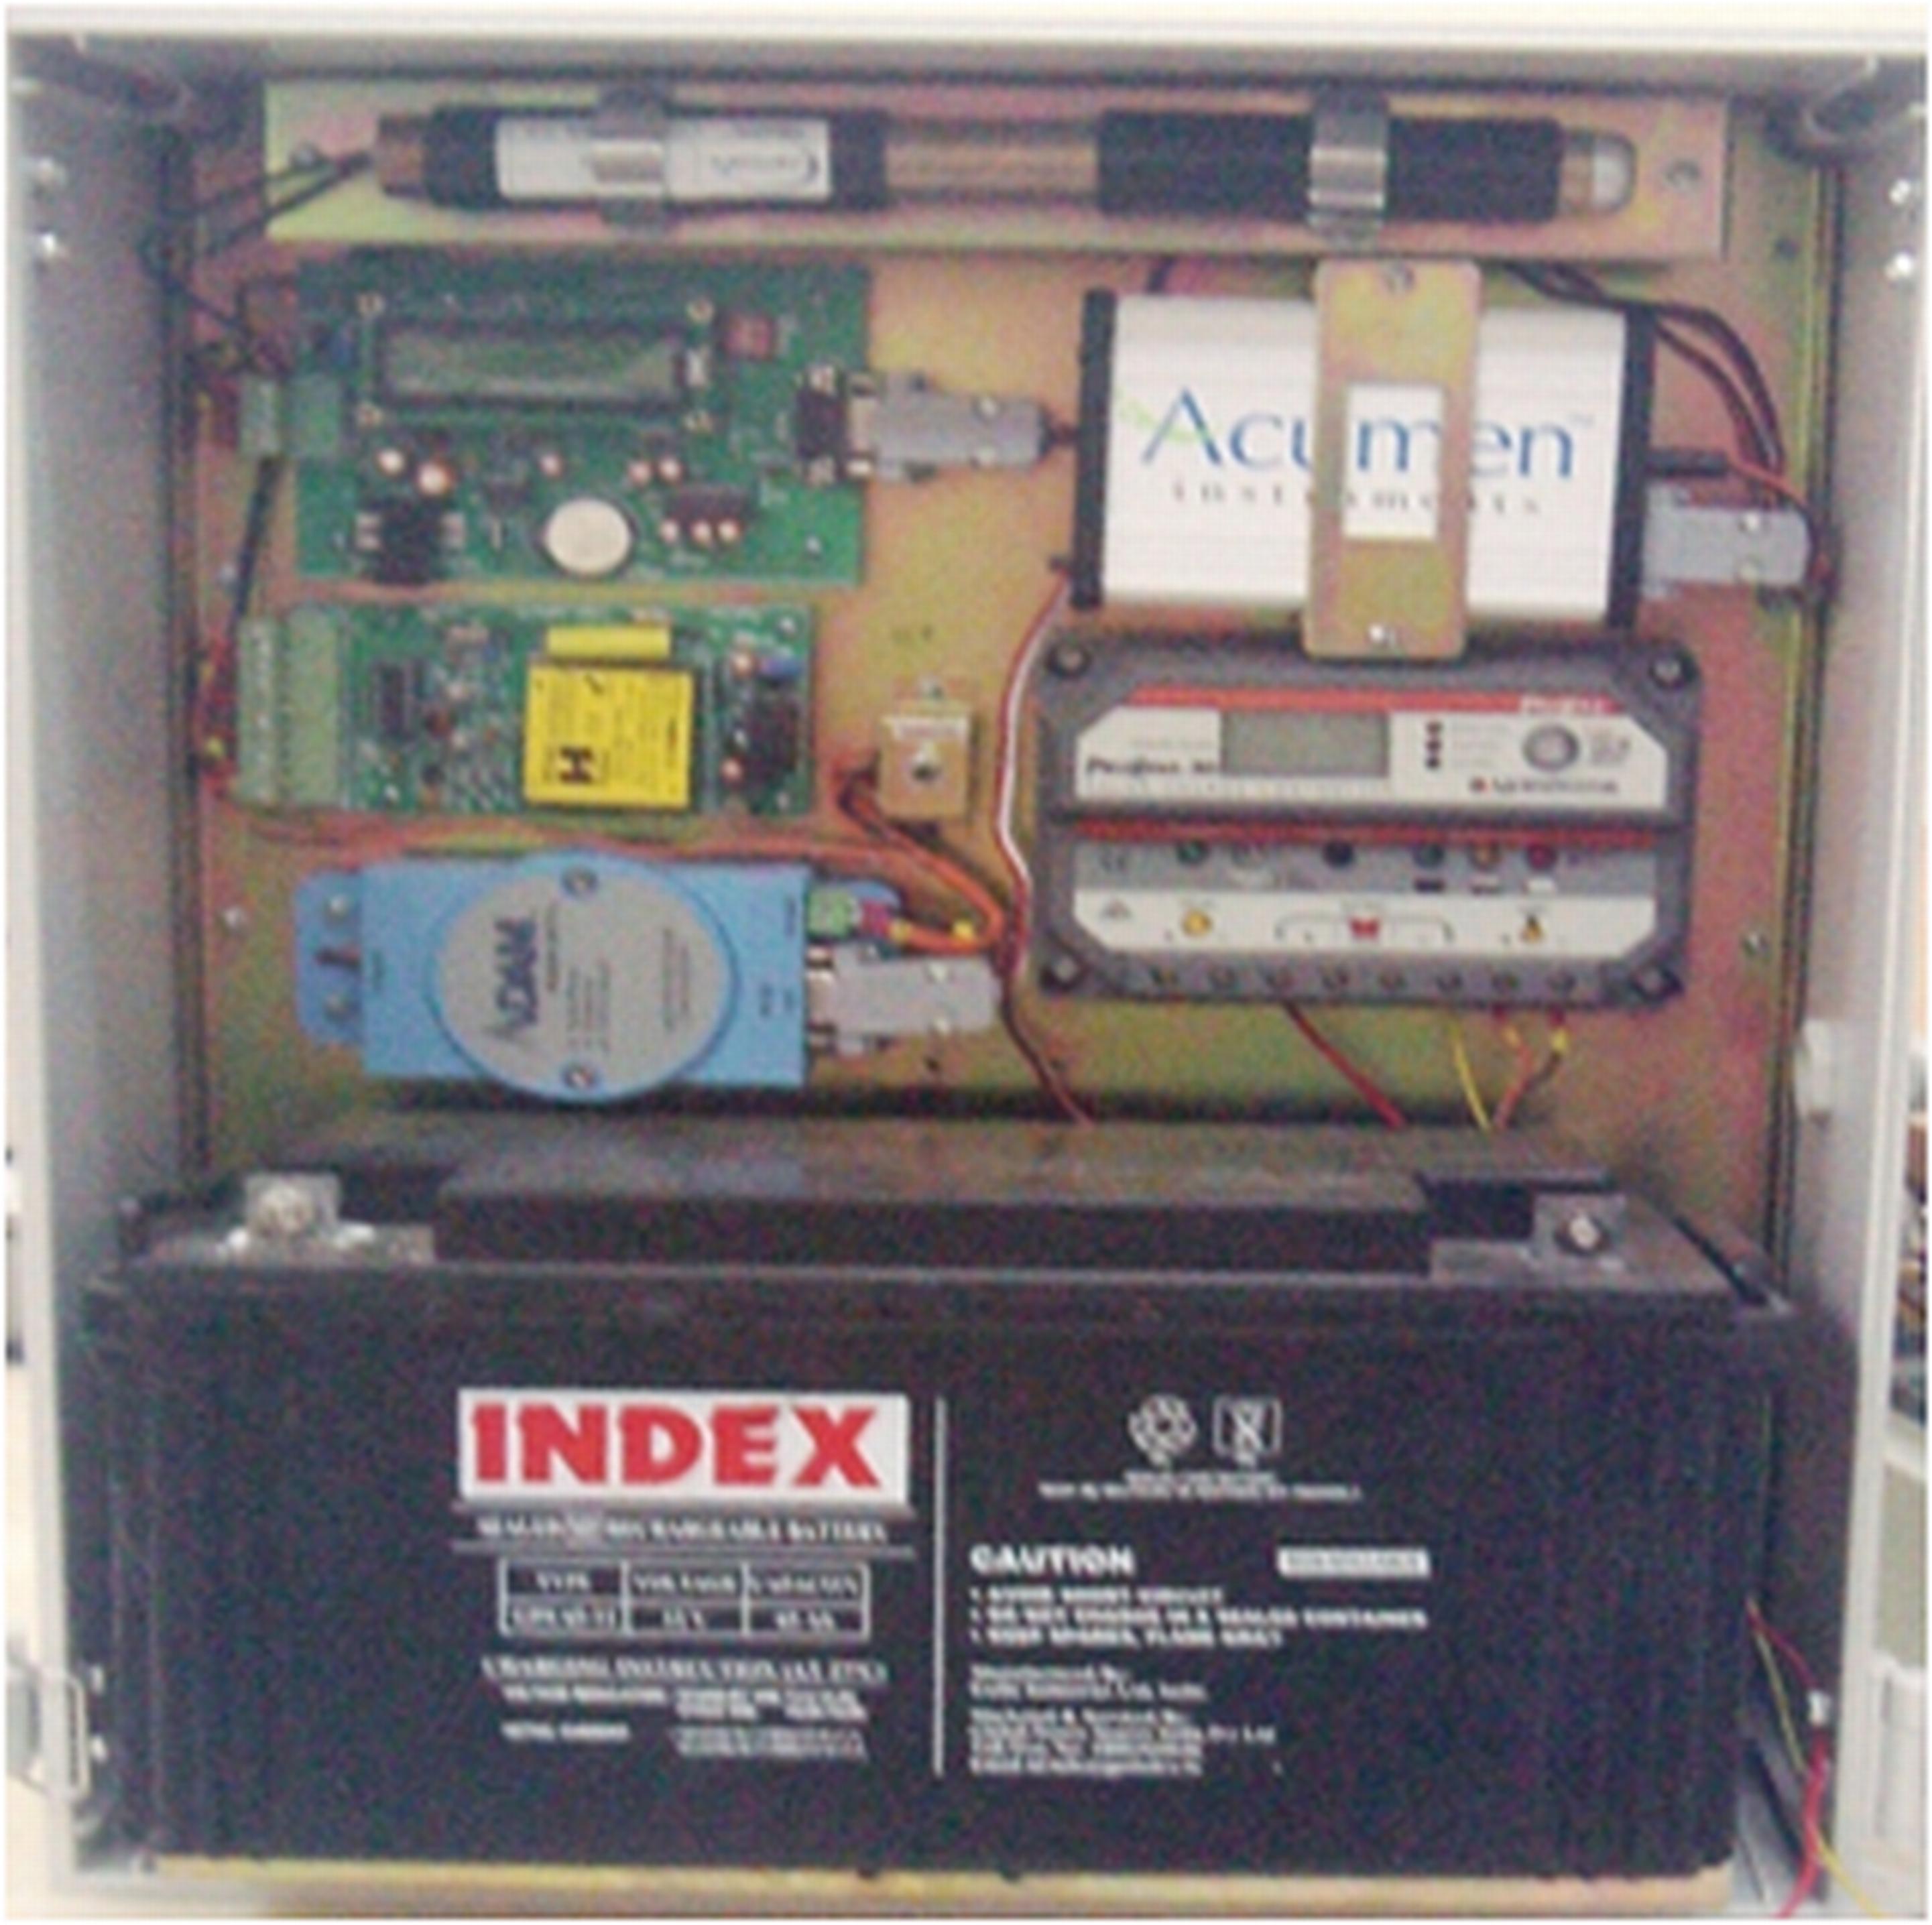 ADLD Box